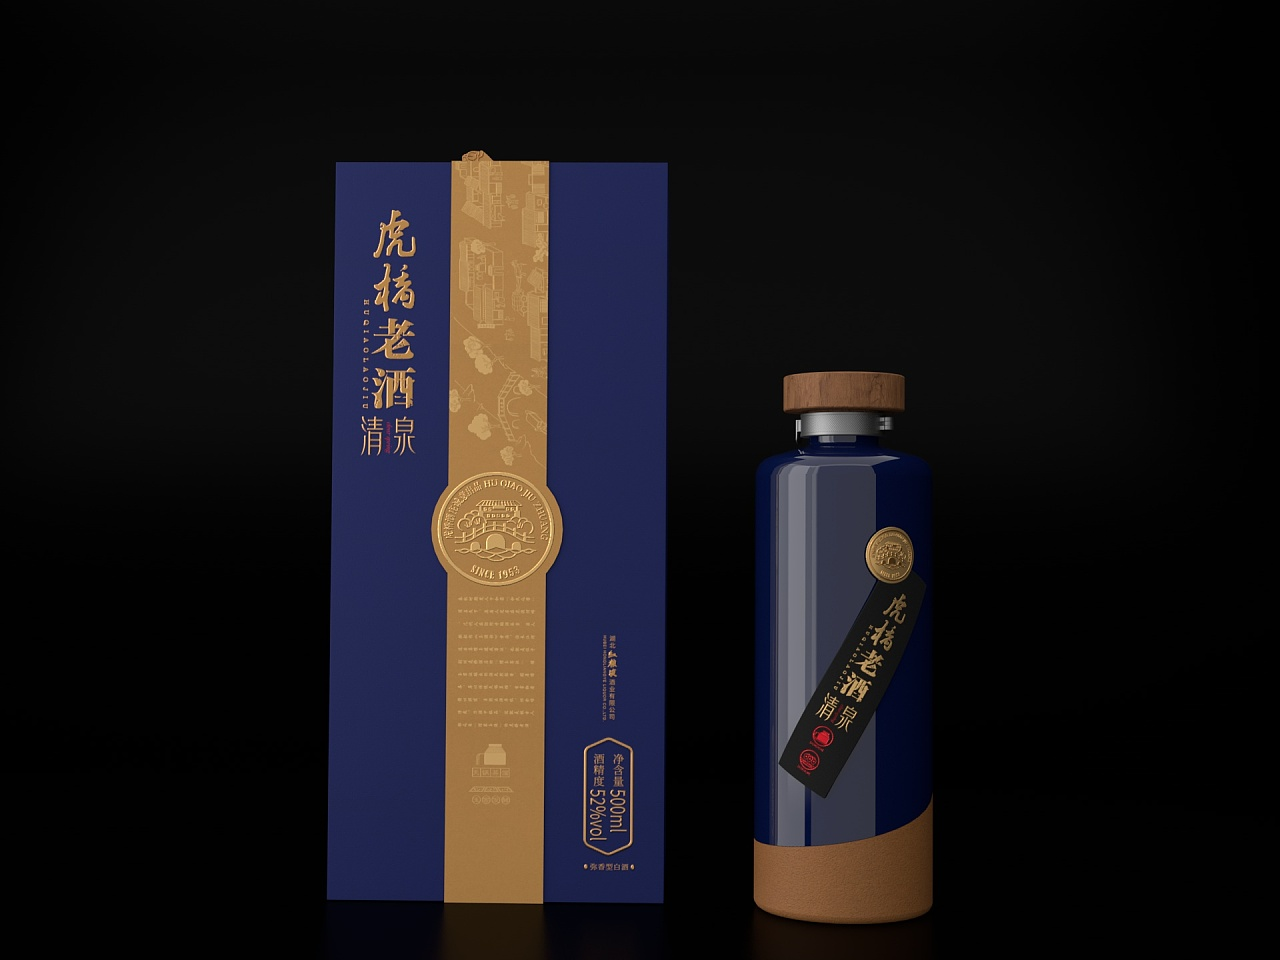 沂河桥酒-au18019499-老酒收藏-拍卖-7788收藏